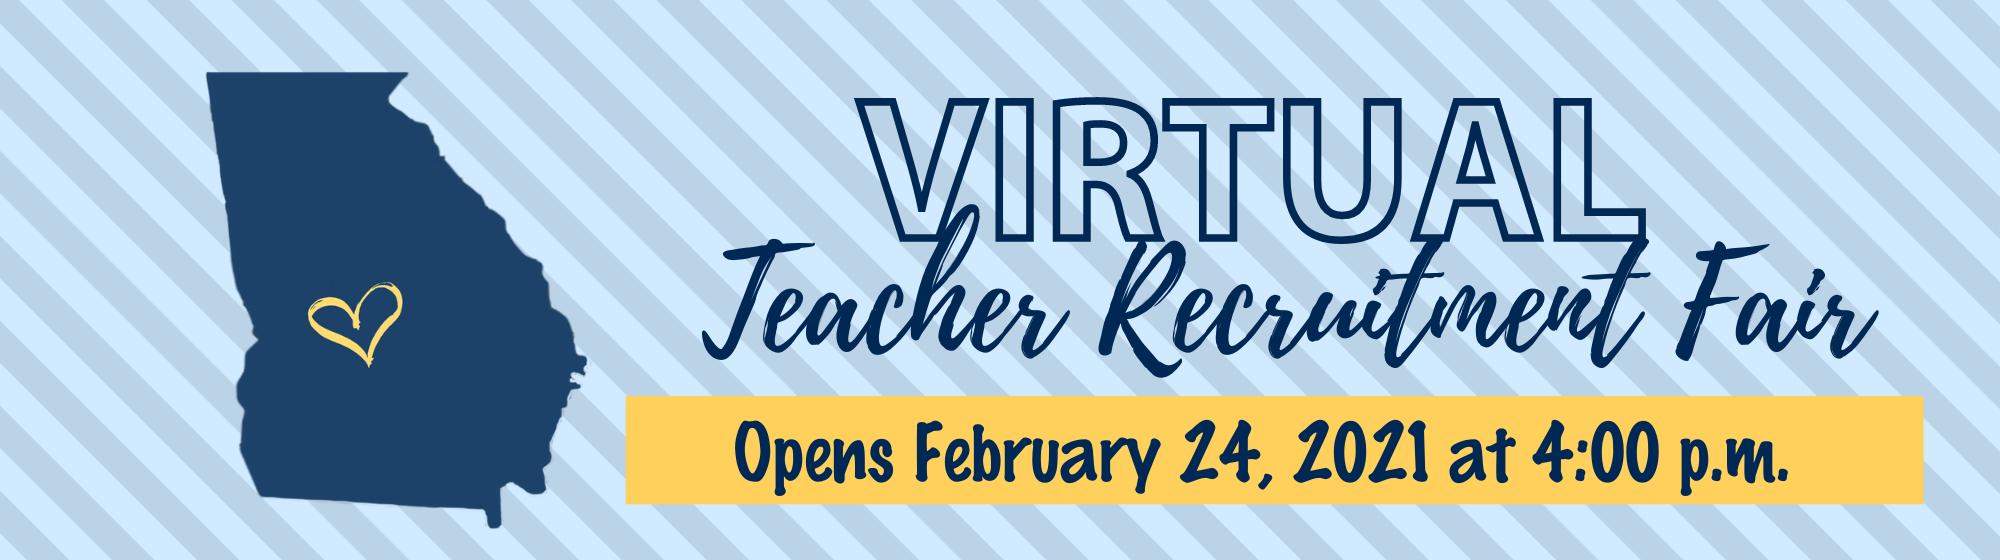 Virtual Teacher Recruitment Fair - February 24